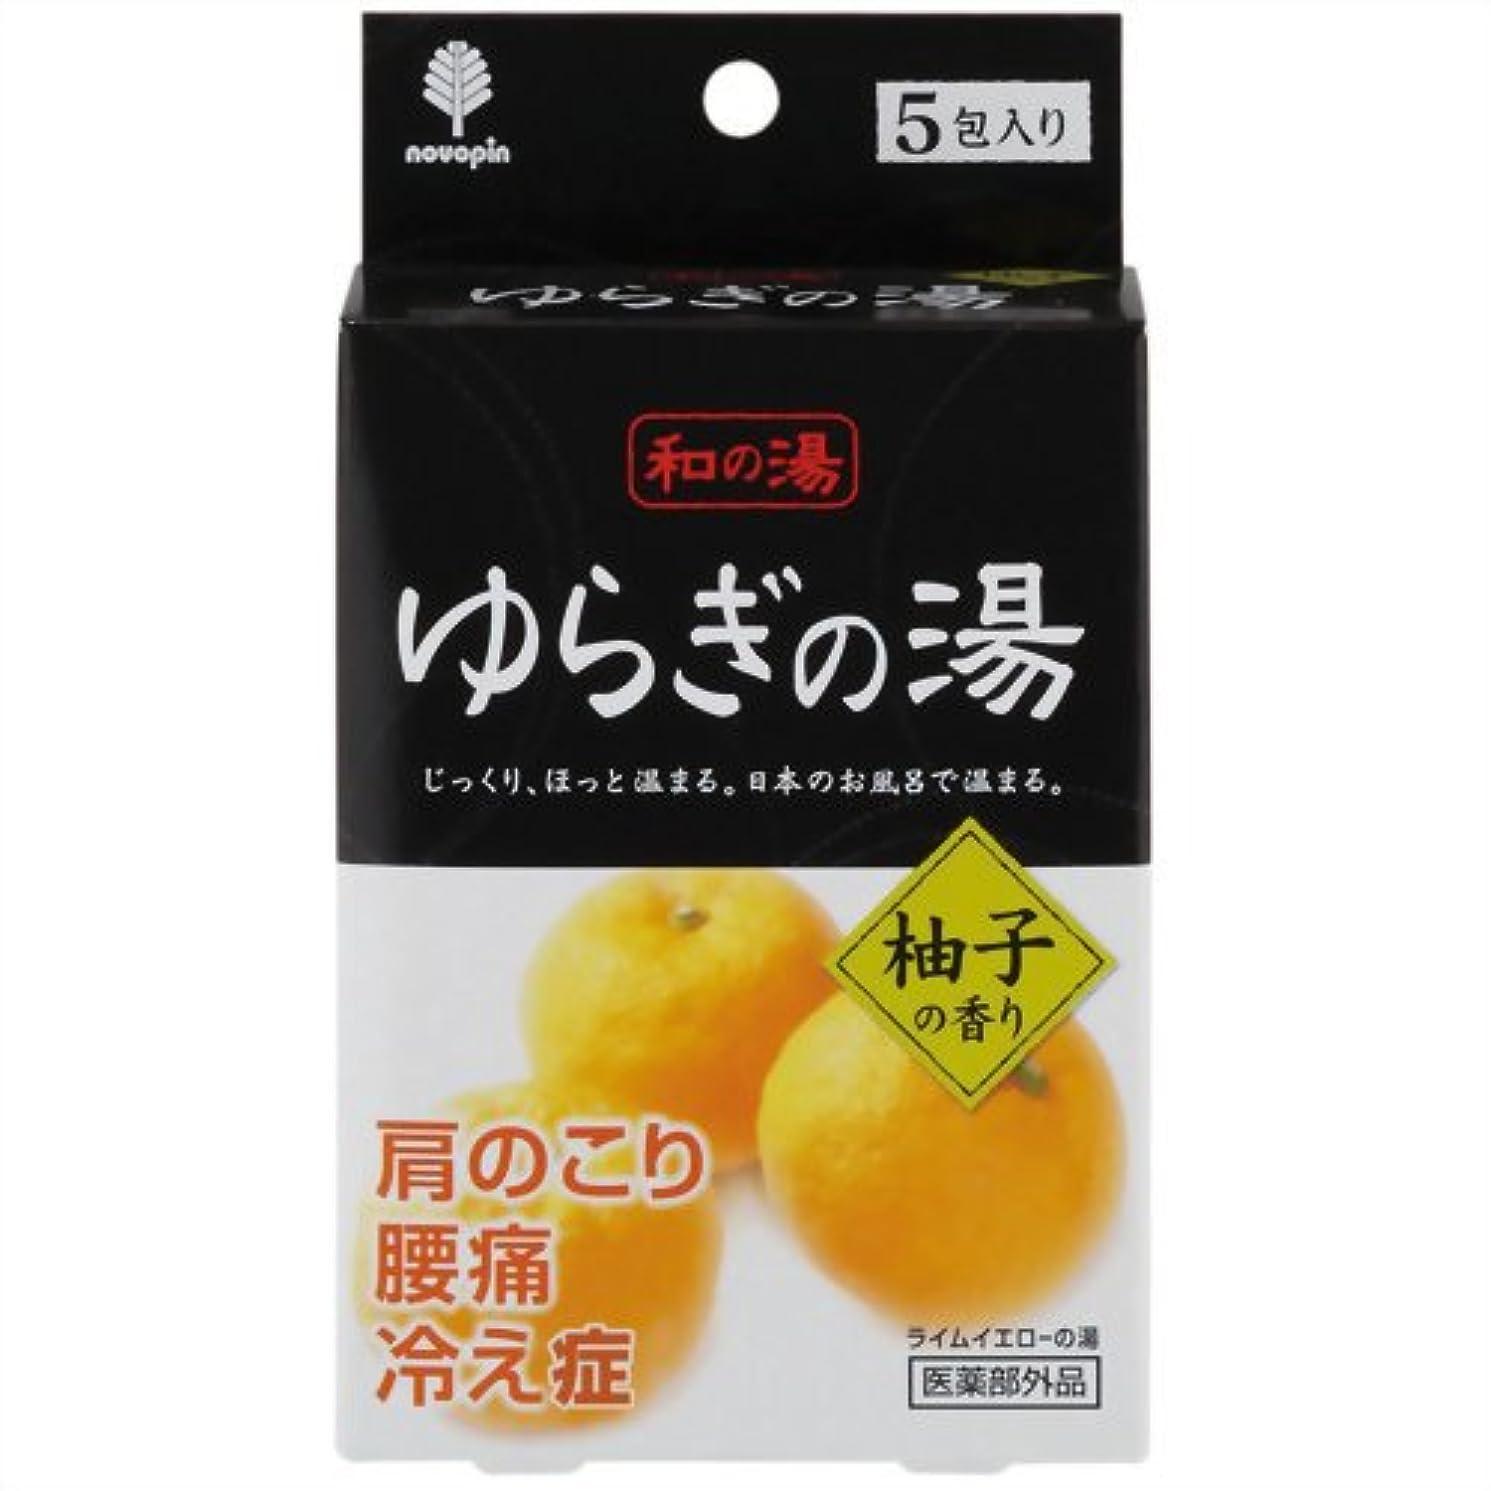 計算する樹木高速道路和の湯 ゆらぎの湯 柚子の香り